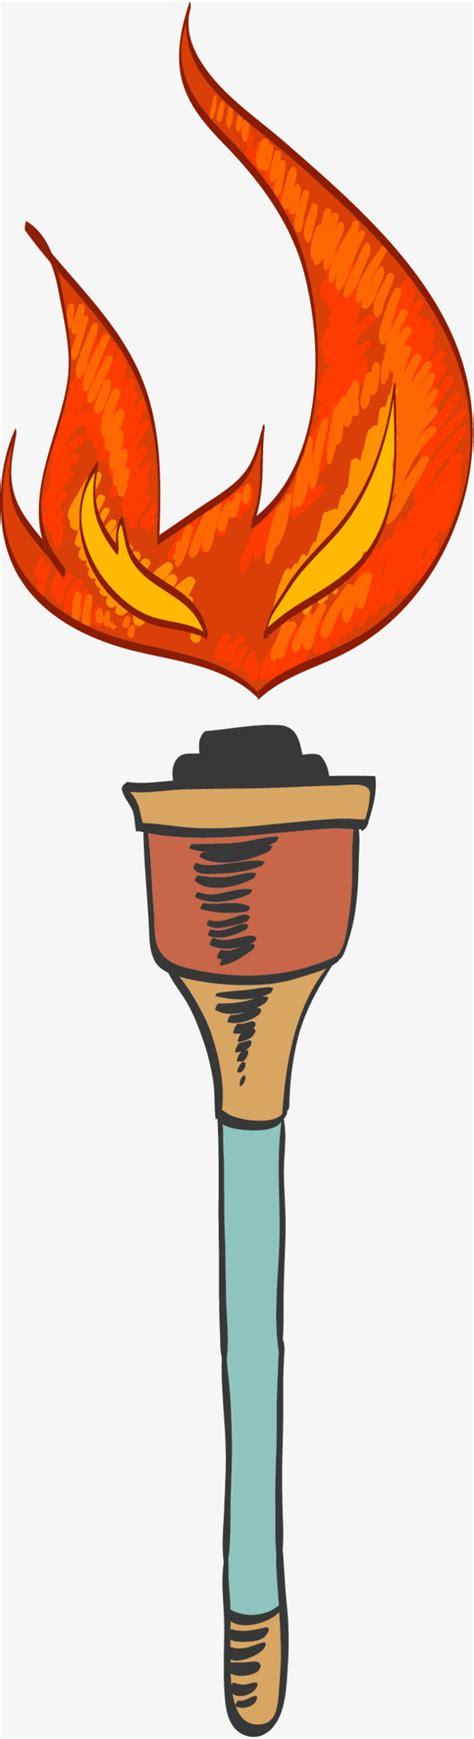 torch torche dessin de peints 224 la flamme br 251 le png et vecteur pour t 233 l 233 chargement gratuit